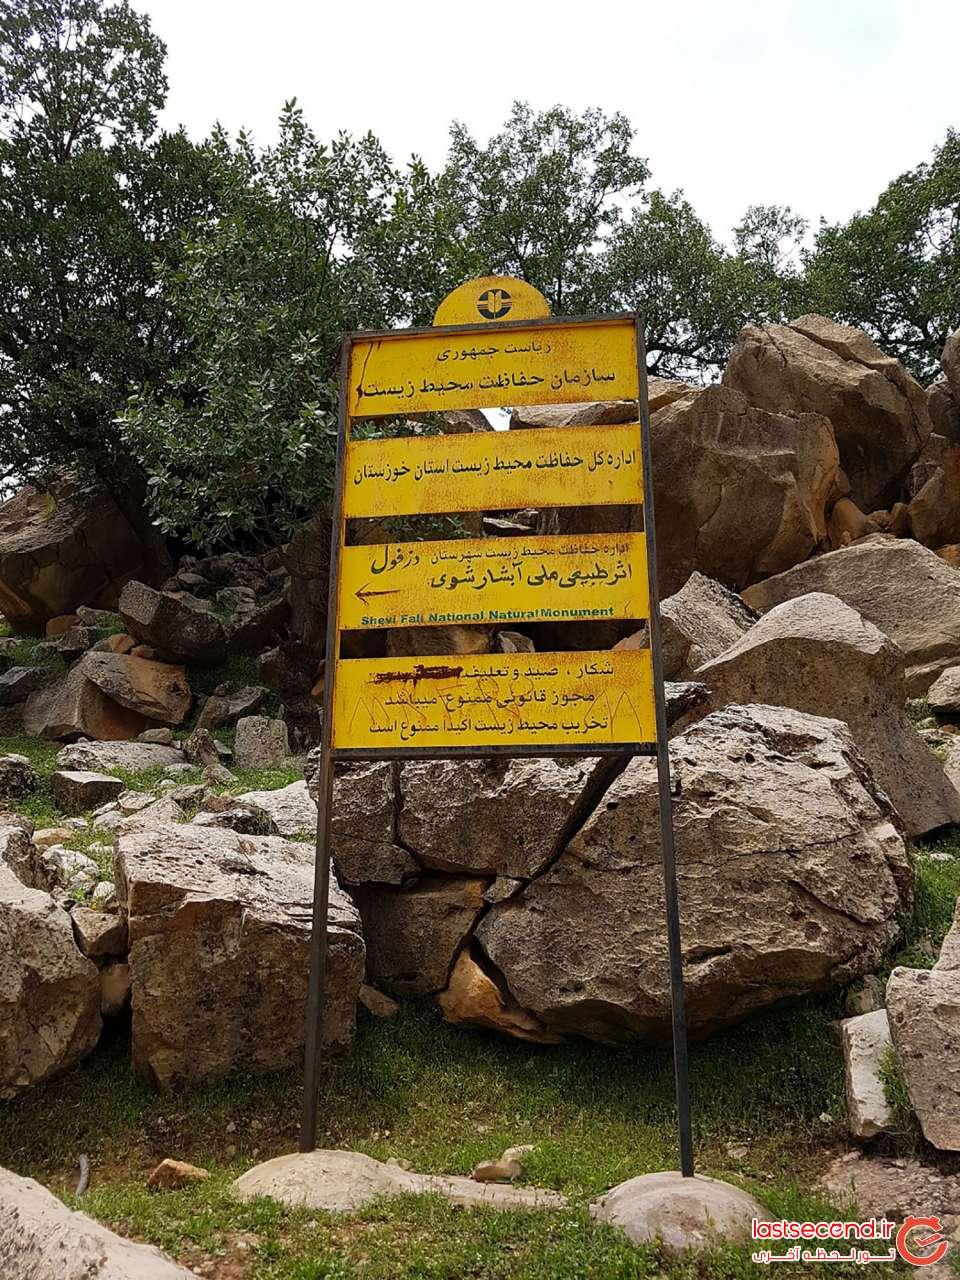 آبشار شوی اولین اثر طبیعی ملی ثبت شده ایران